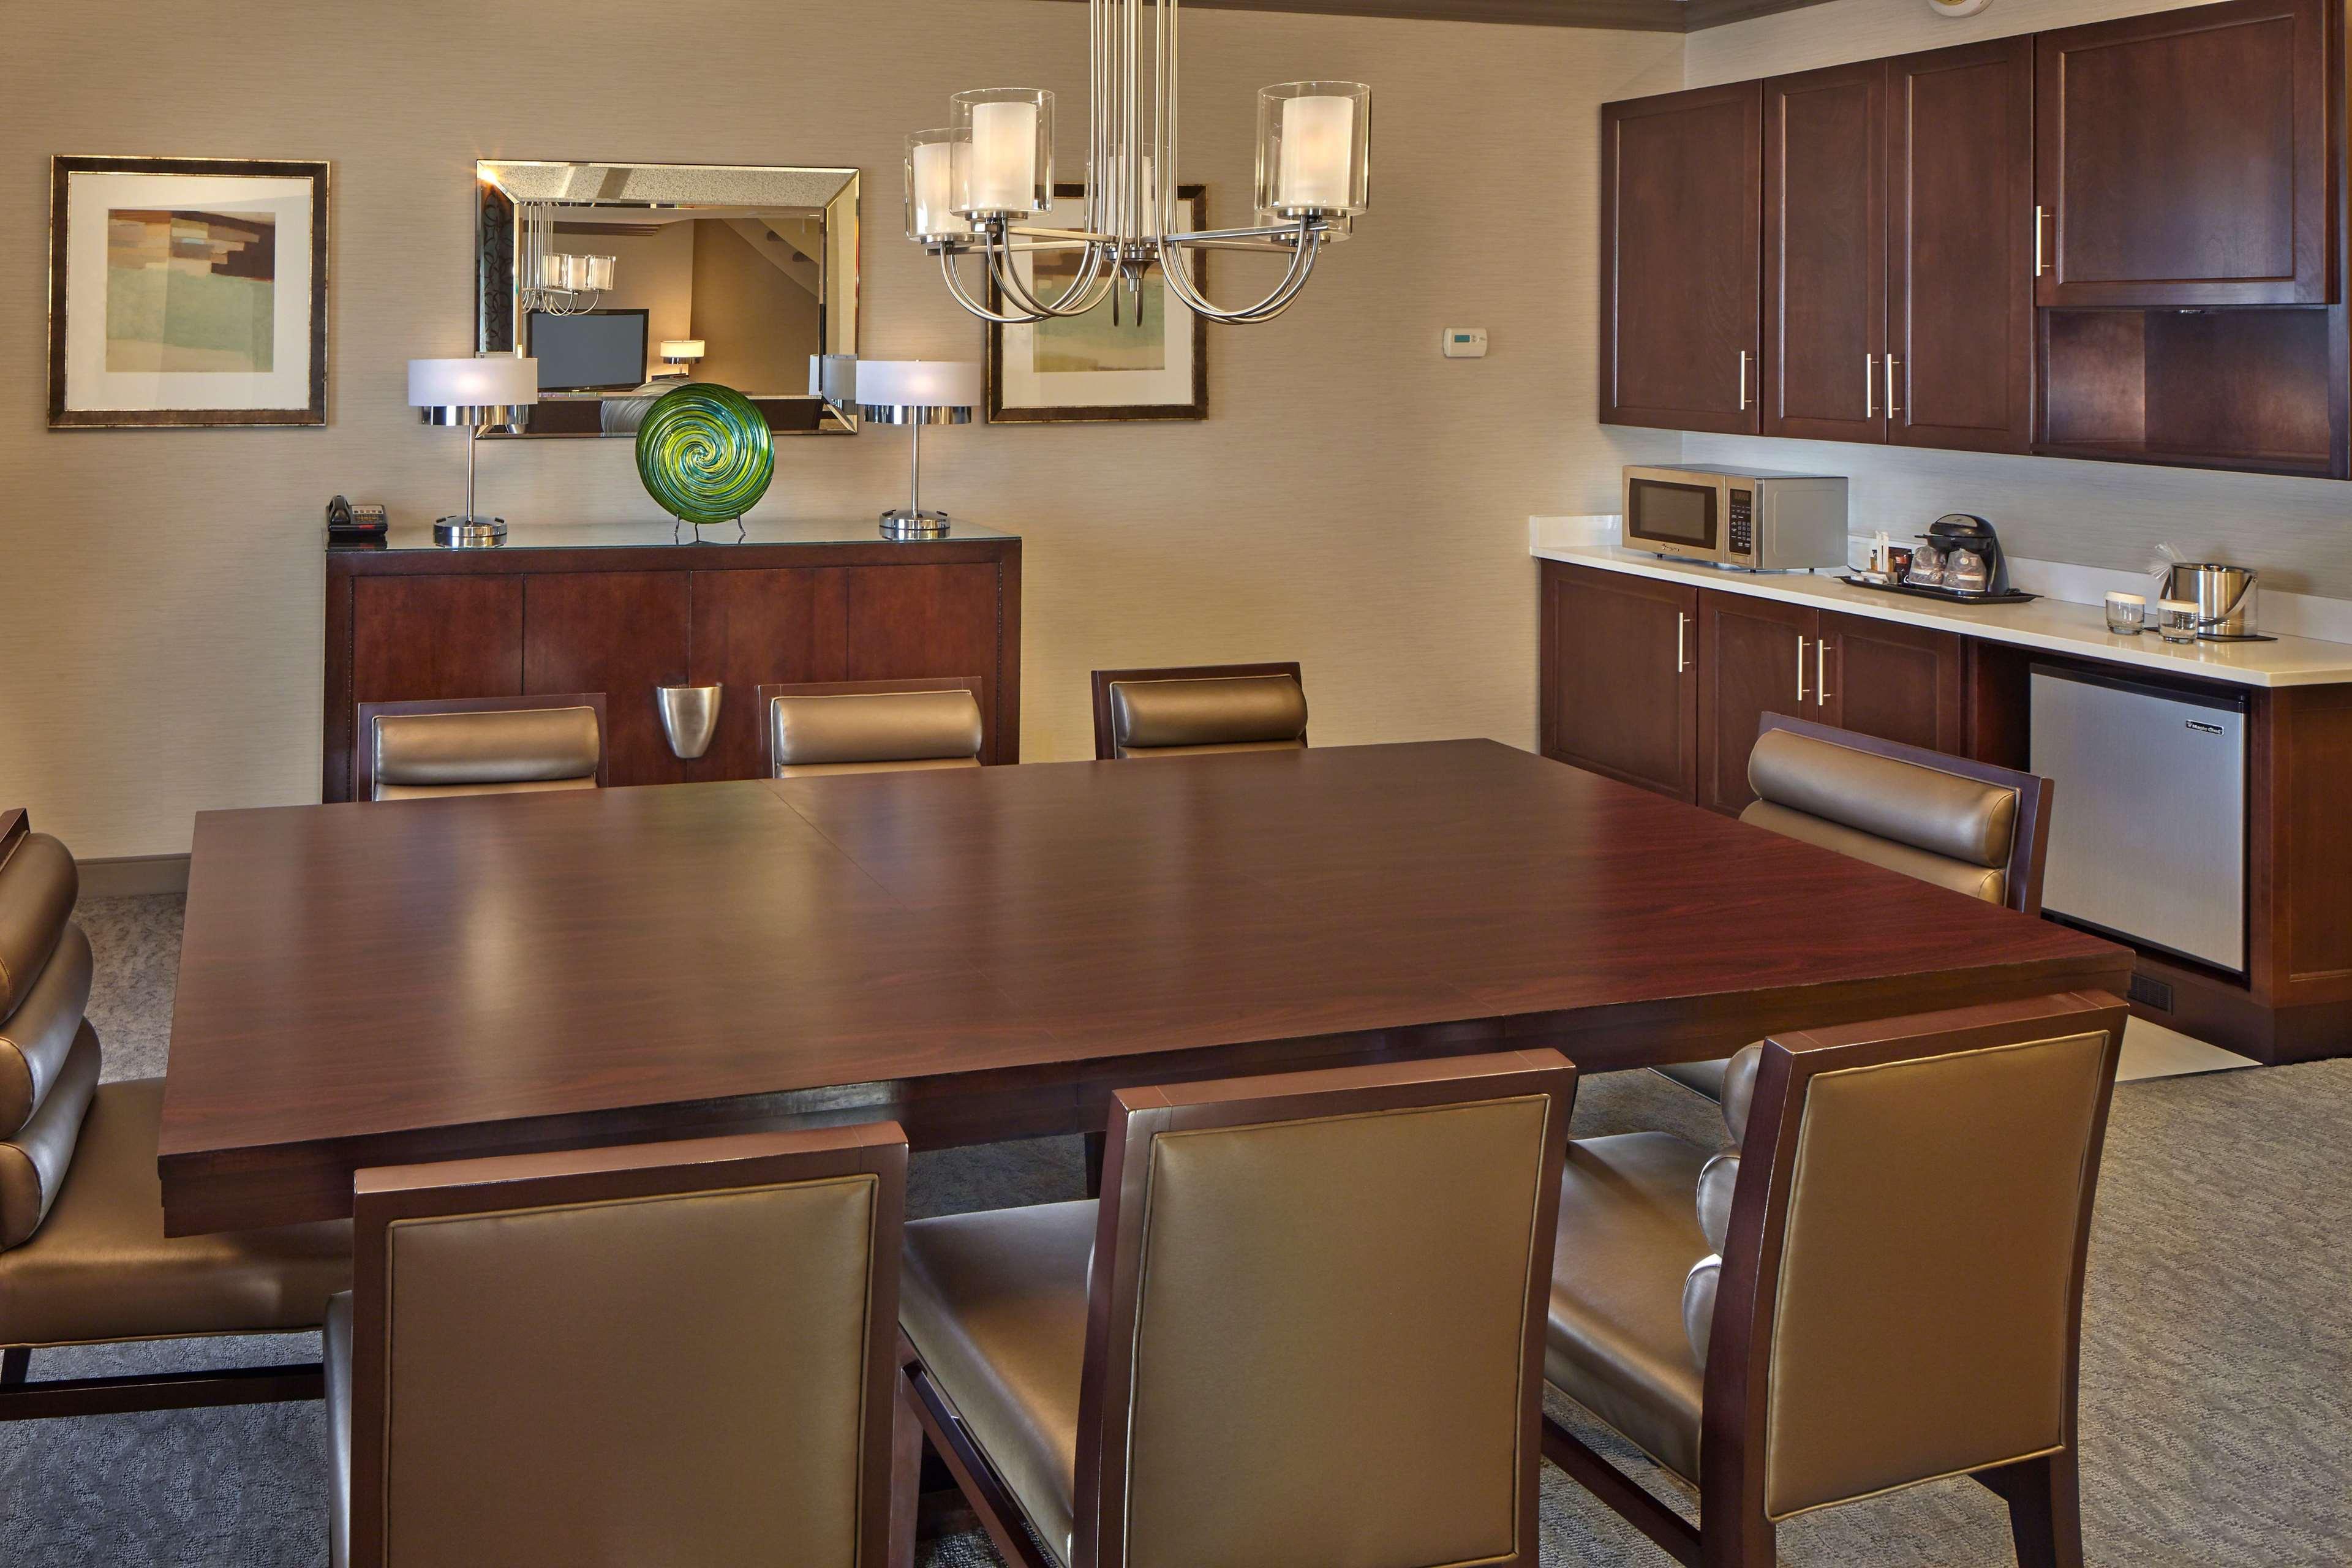 DoubleTree by Hilton Hotel Little Rock image 23